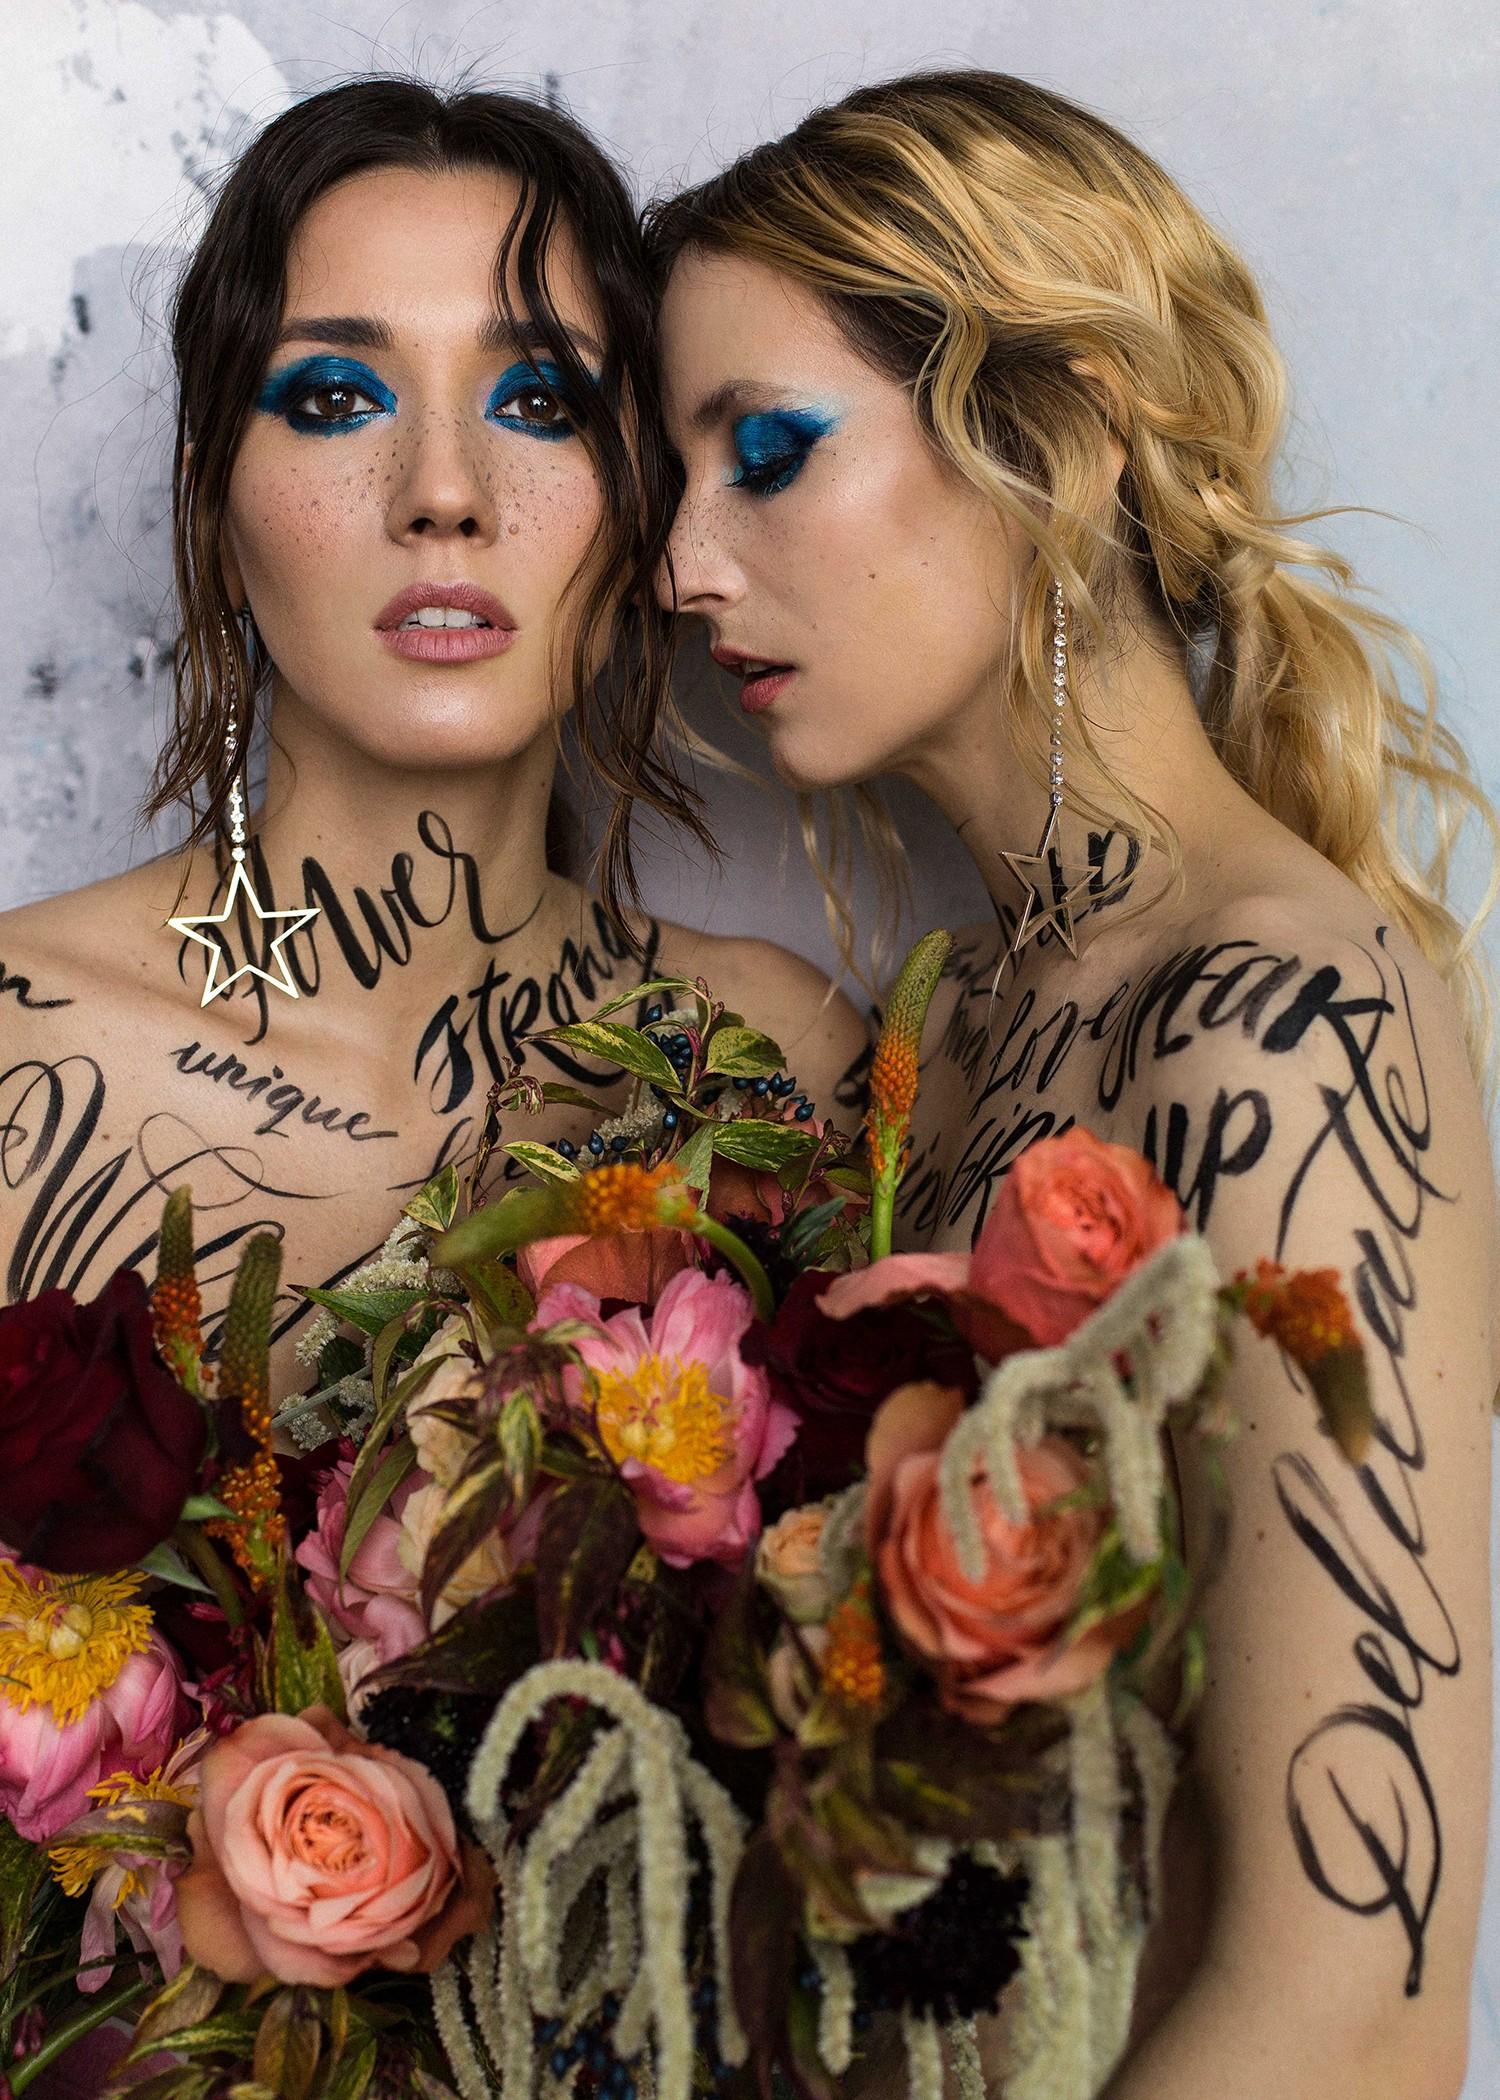 bijuterii_revelion_accesorii_cool_Fabulous_Muses